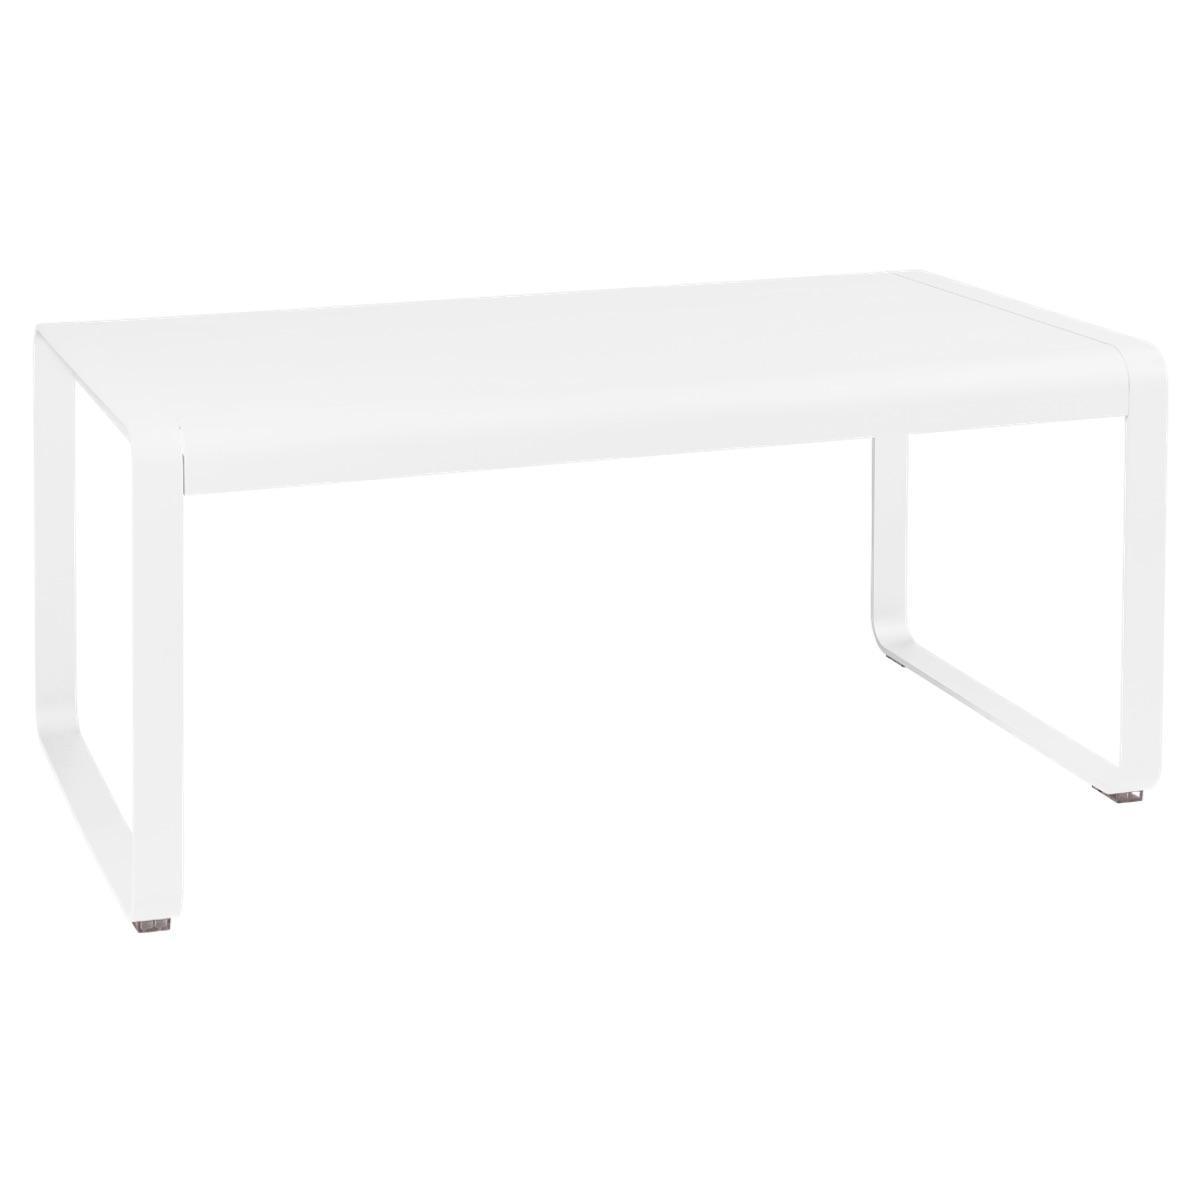 Table de jardin mi-hauteur 80x140cm BELLEVIE Fermob coton